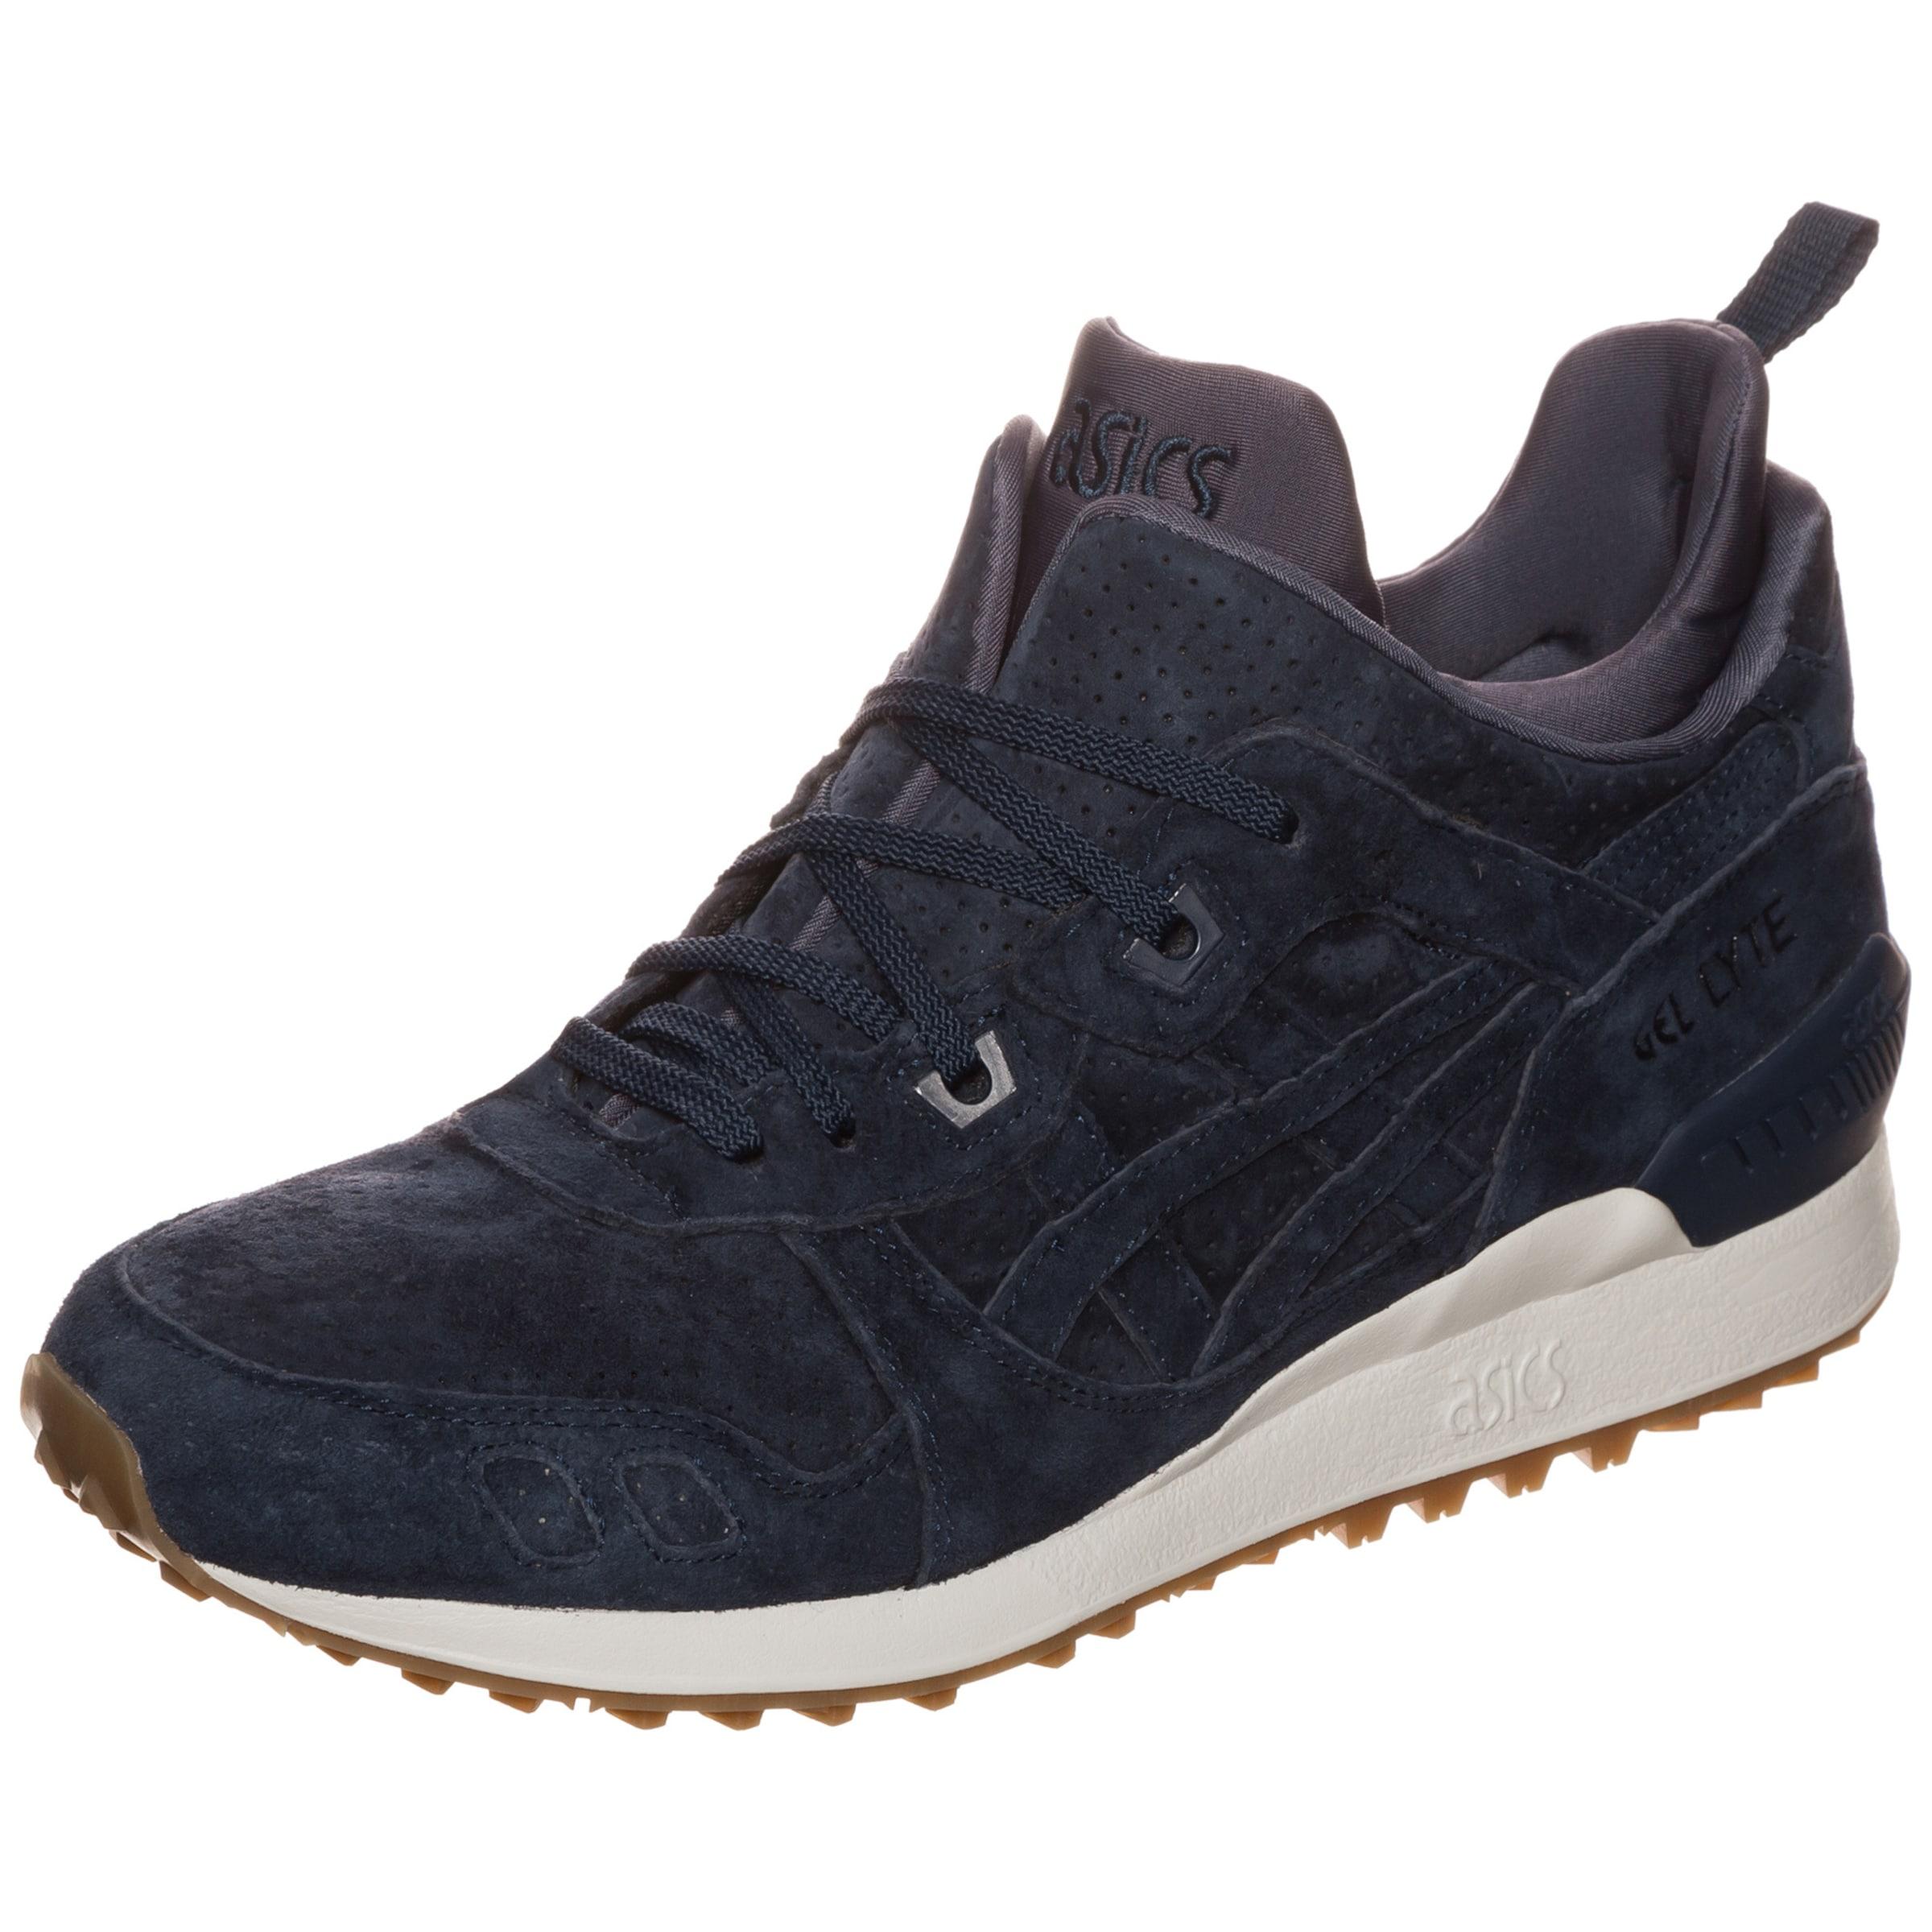 Asics Tiger 'Gel-Lyte MT' Sneaker Billig Erschwinglich XYMPwy0